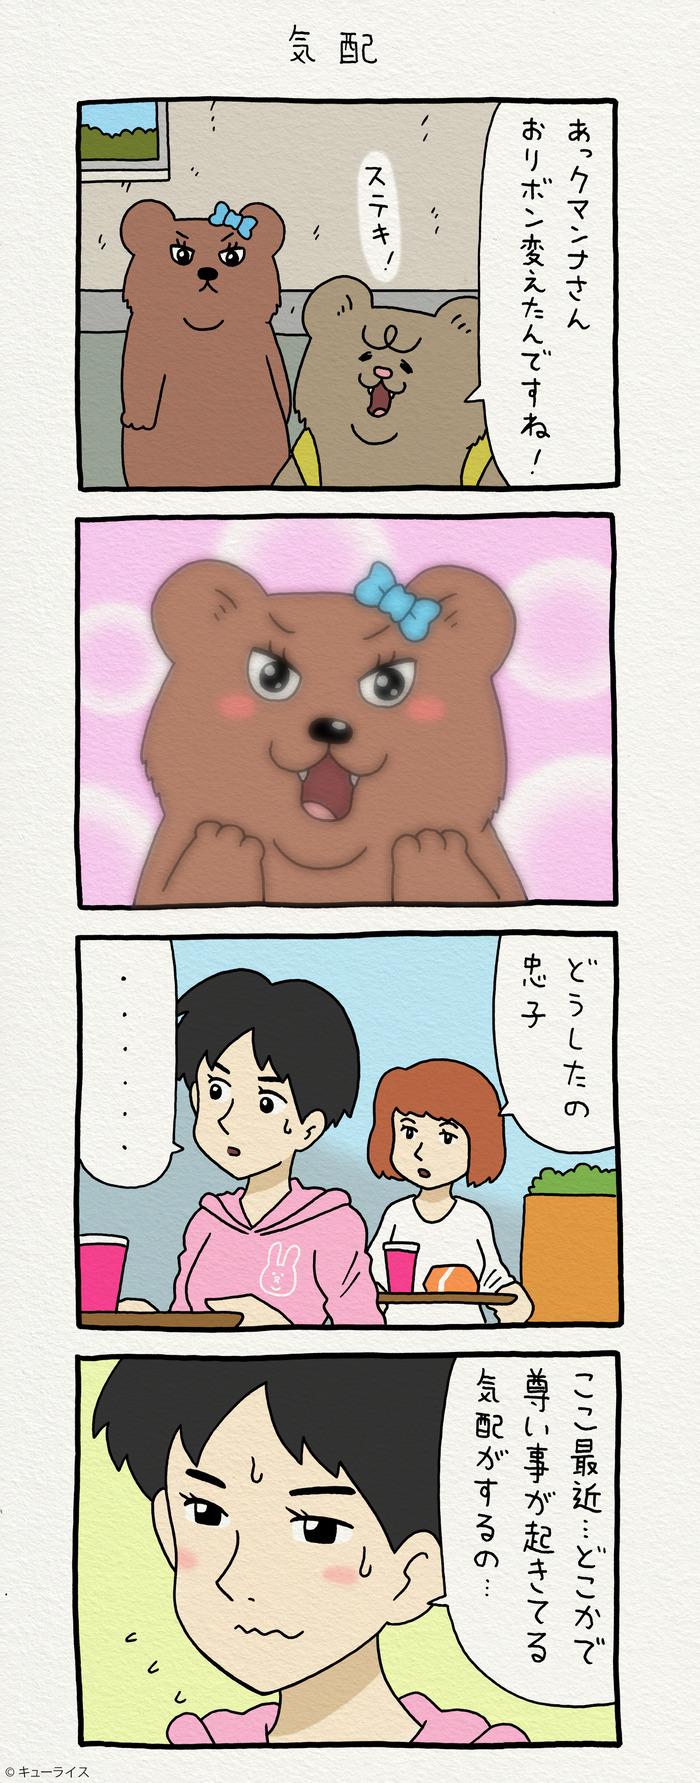 悲熊 クマンナ  リボン2 のコピー